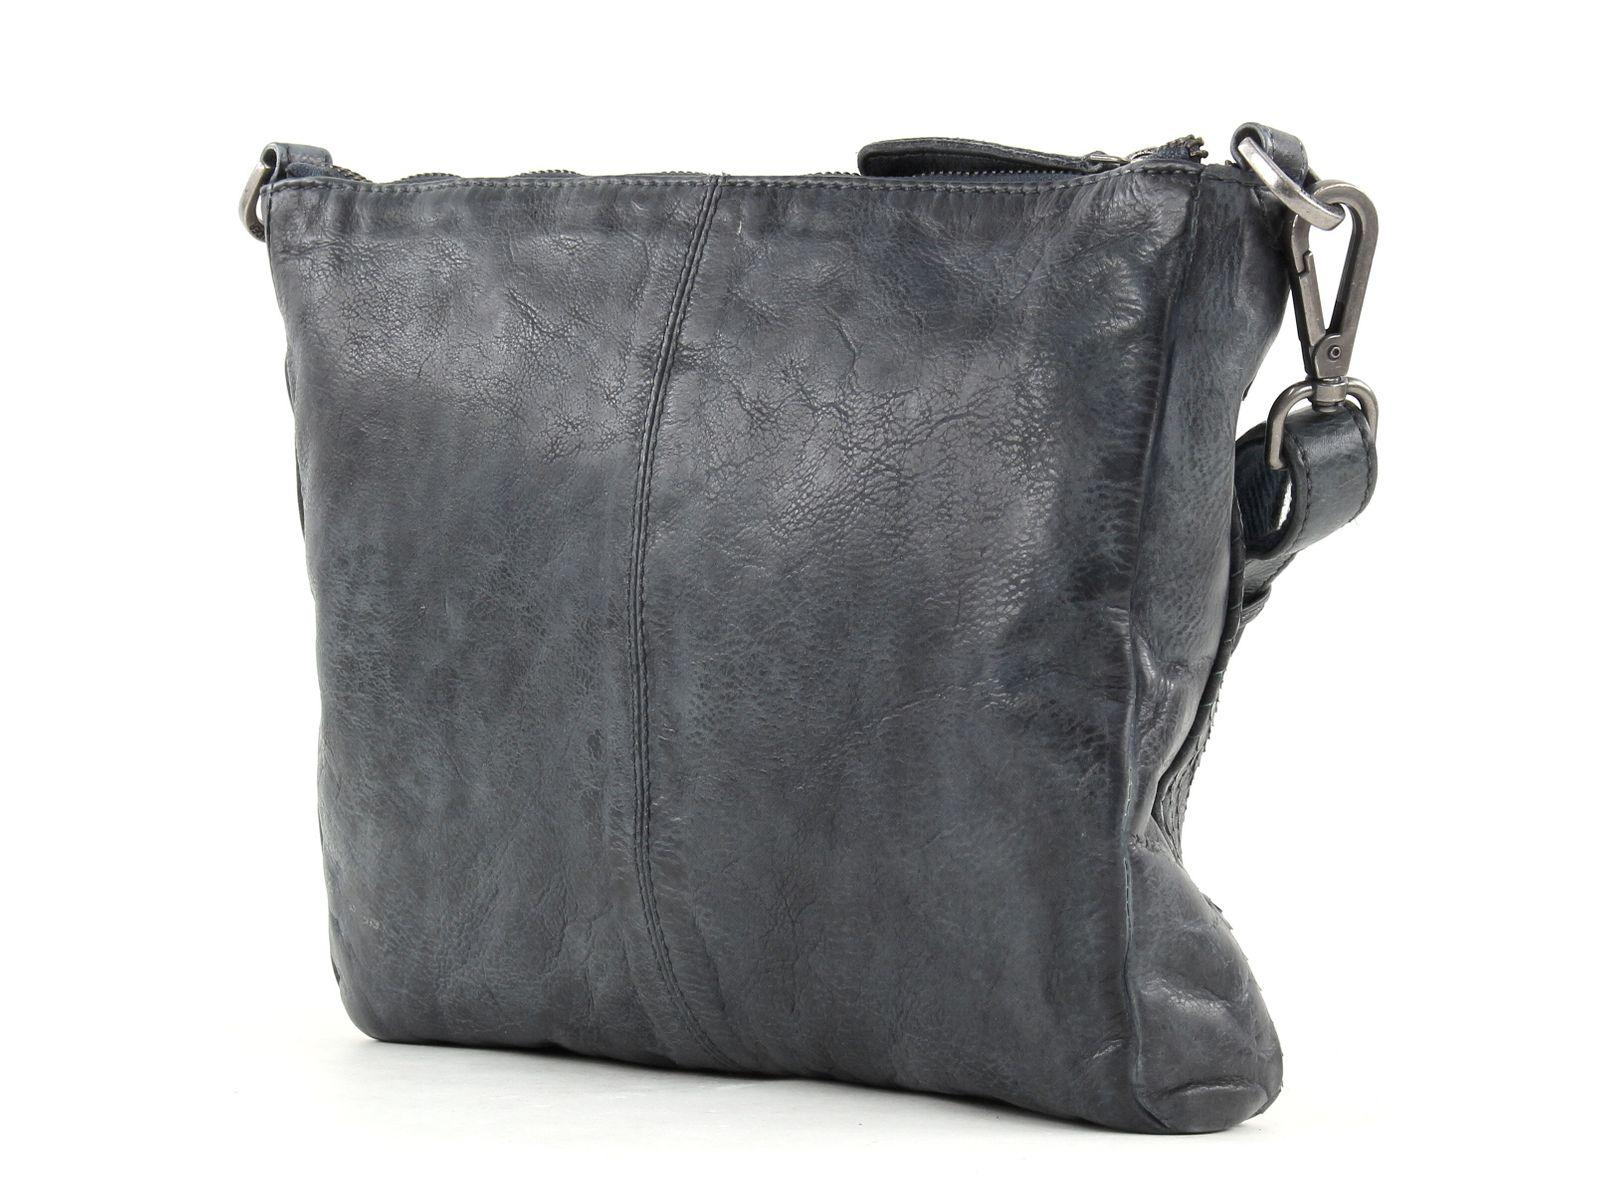 FREDsBRUDER Unique Collection Unique Schultertasche Umhängetasche Tasche Black